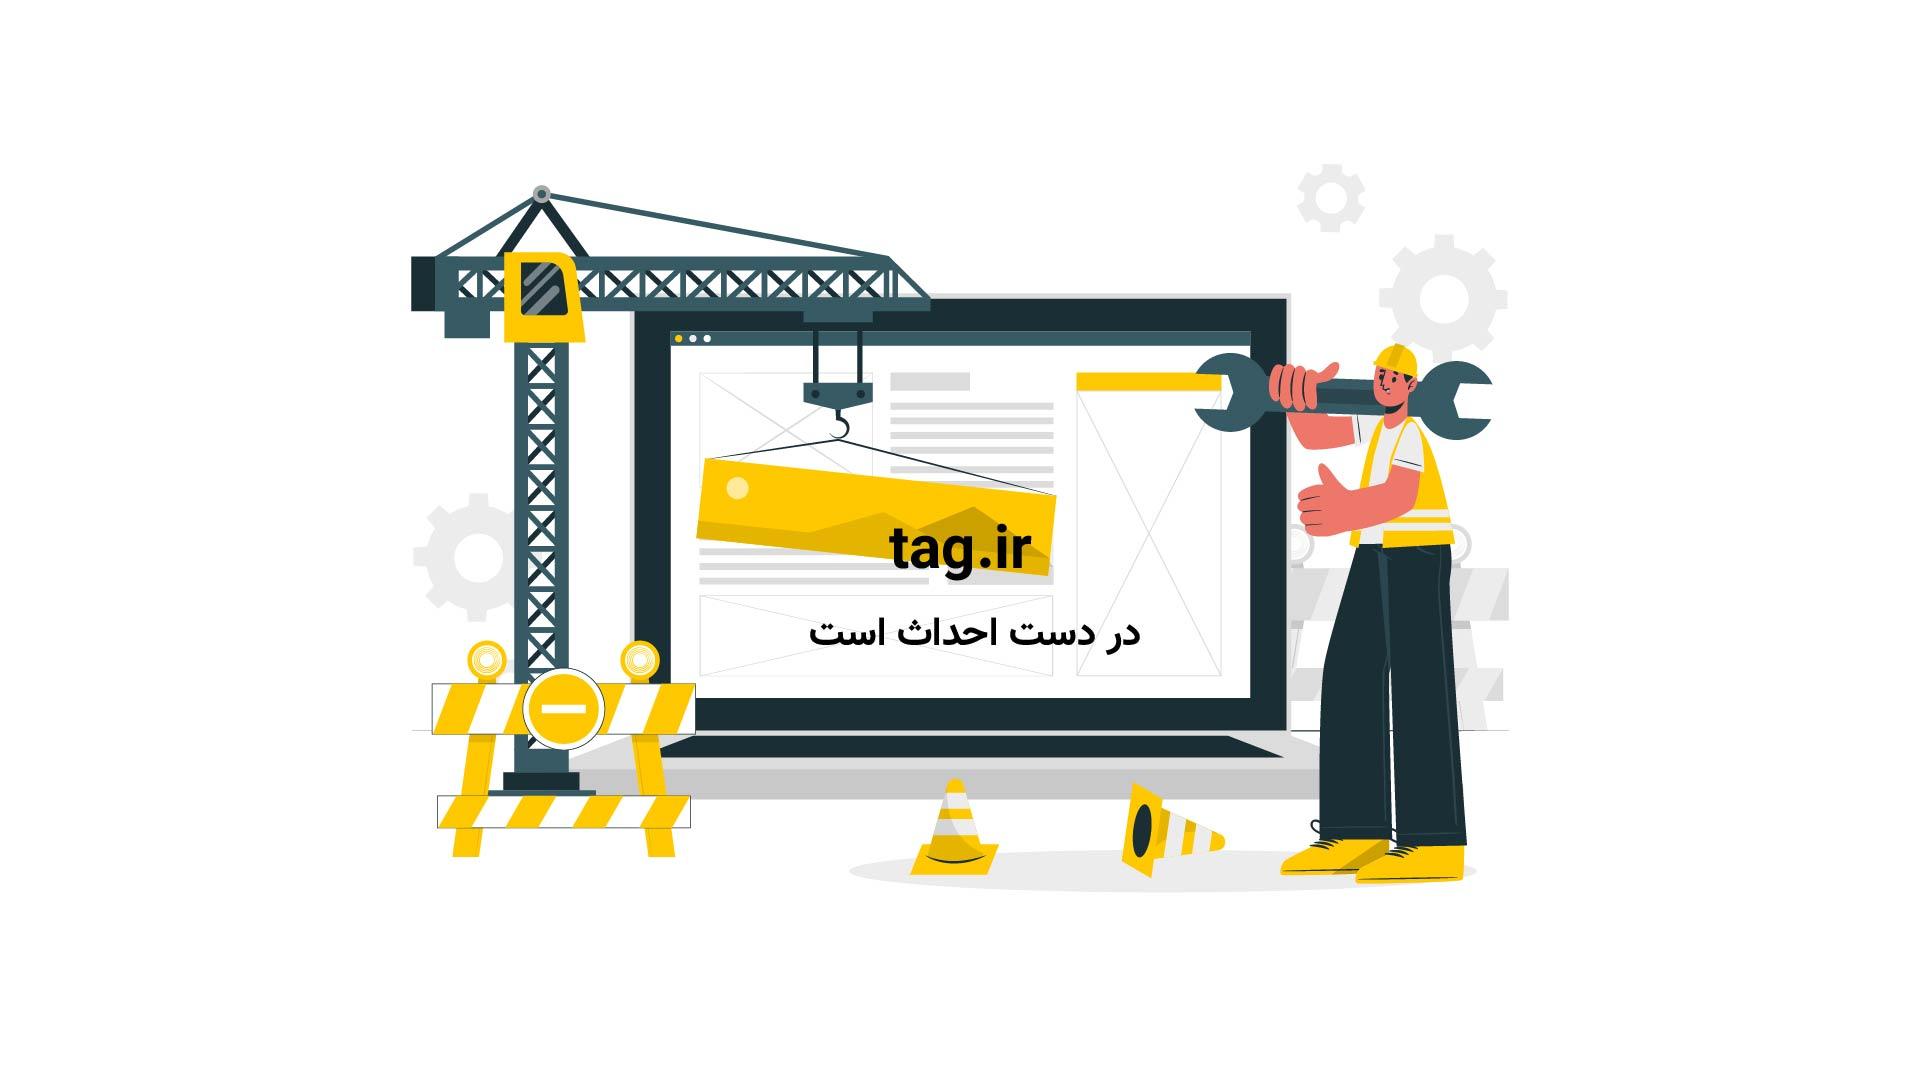 عناوین روزنامههای ورزشی چهارشنبه ۲۶ مهر | فیلم